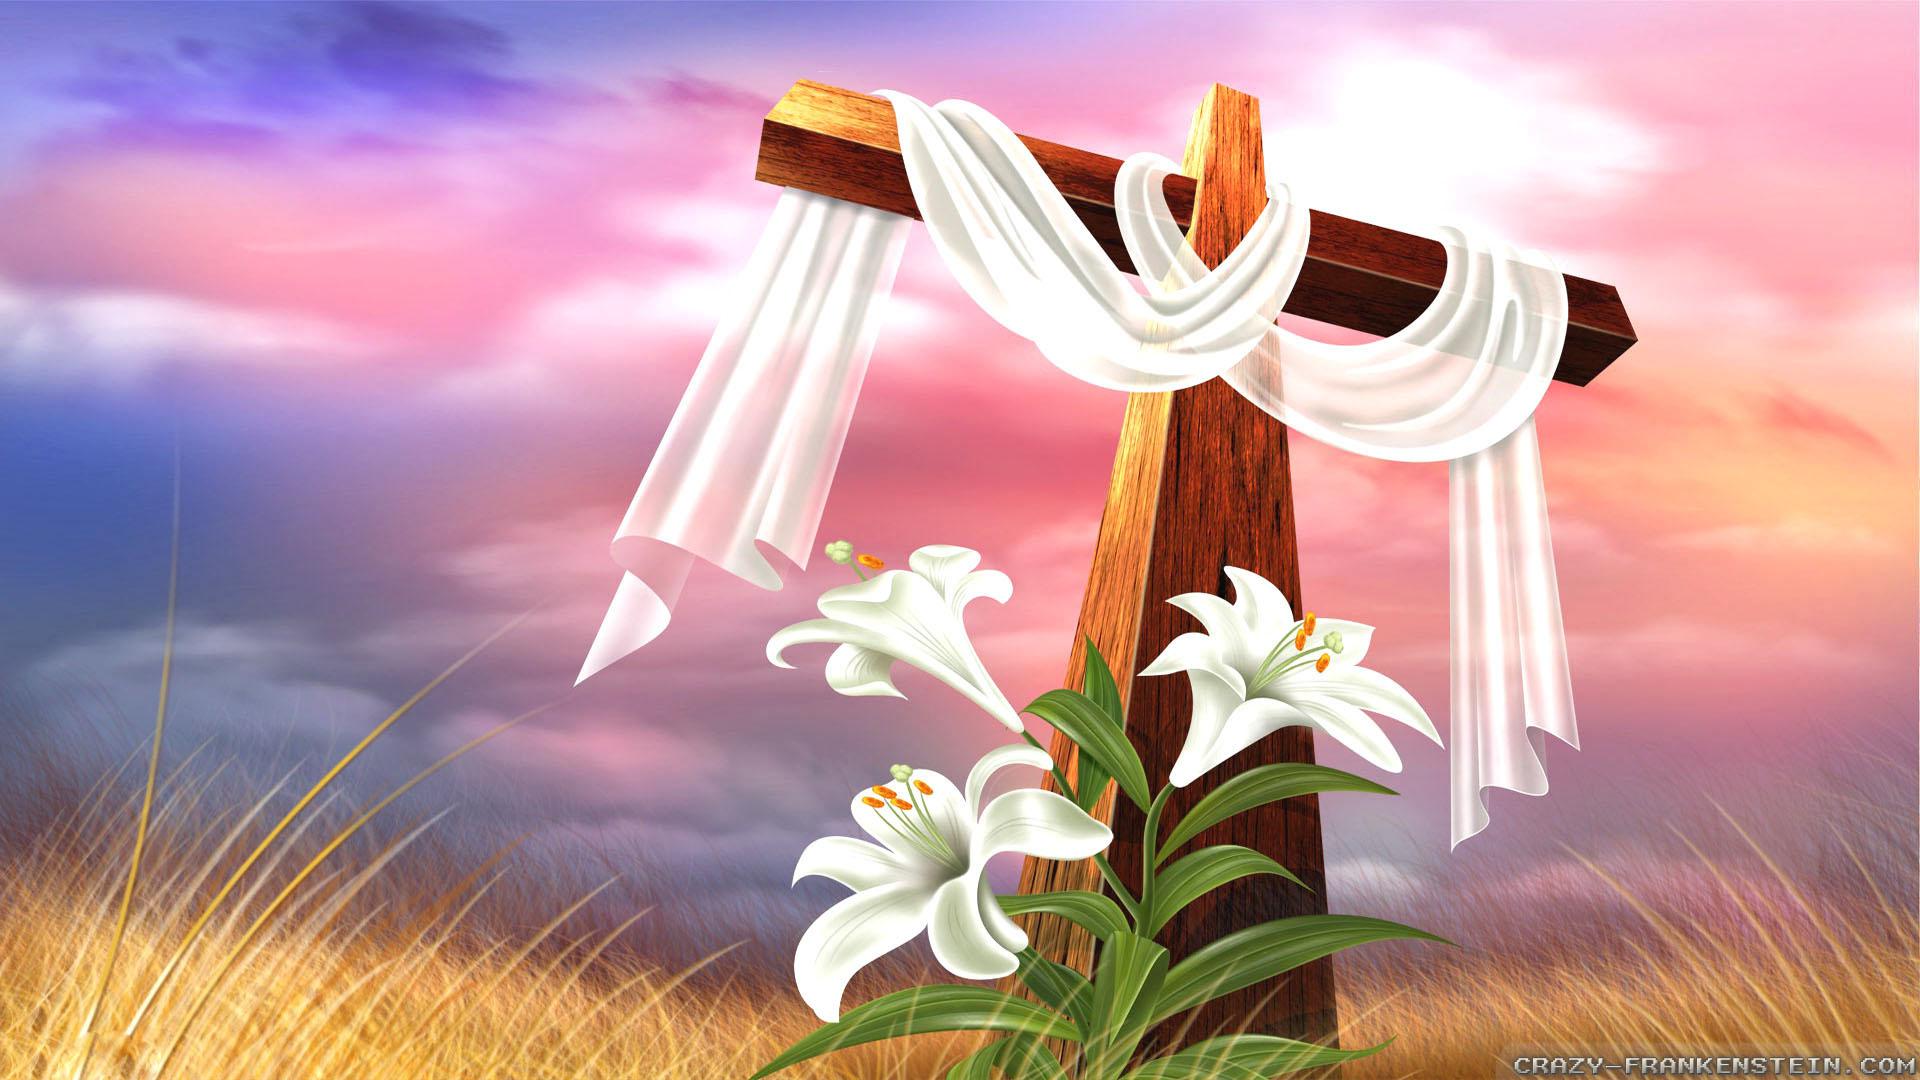 Christian Easter Wallpaper 1024x768 Wallpapersafari